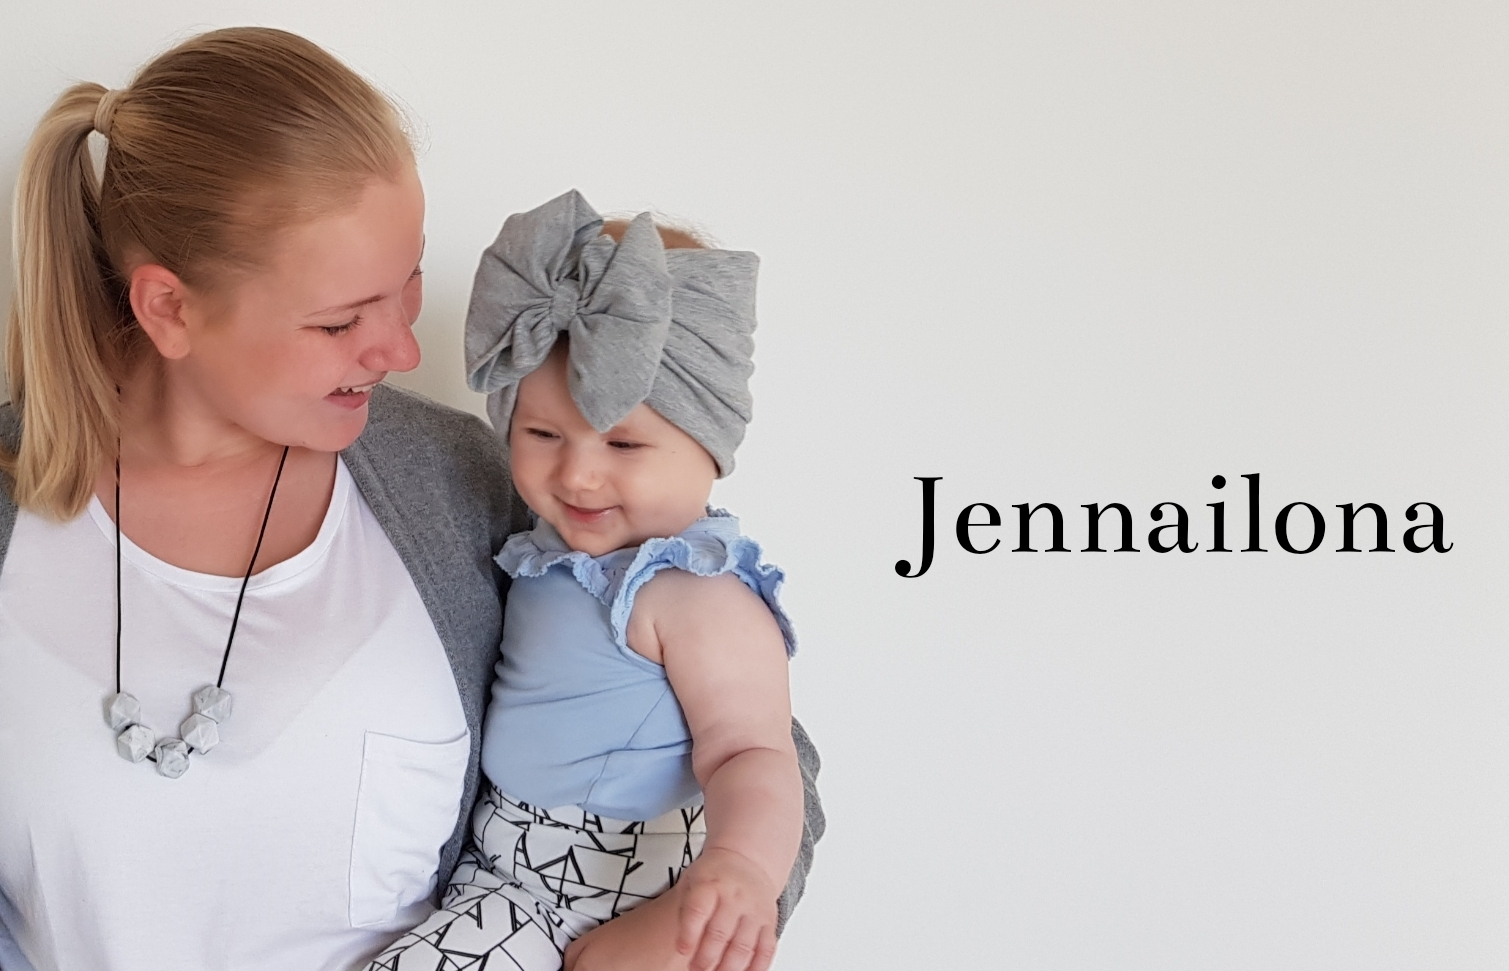 Jennailona